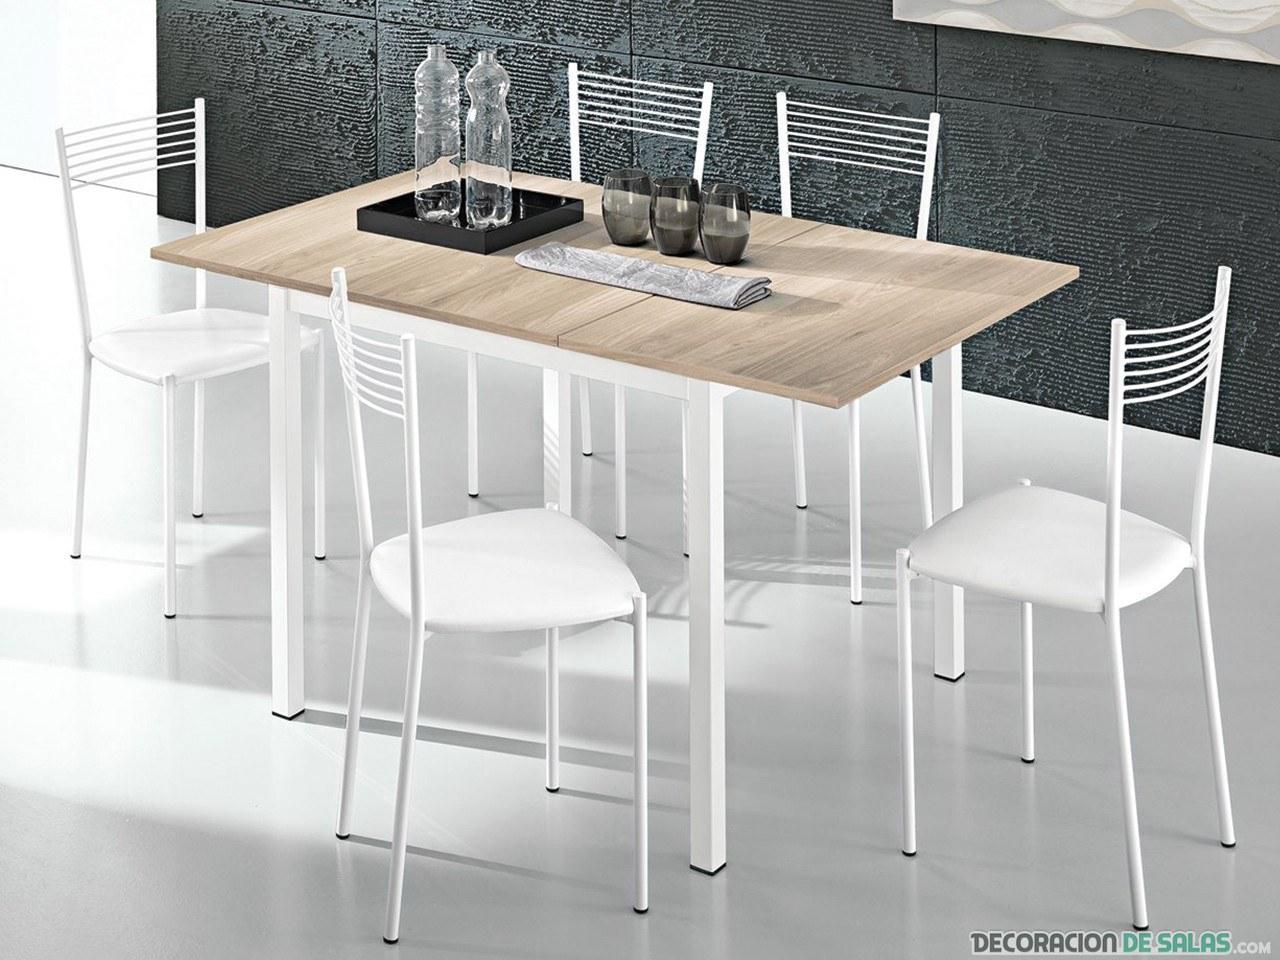 Porqu colocar una mesa en la cocina - Mesas para cocina extensibles ...